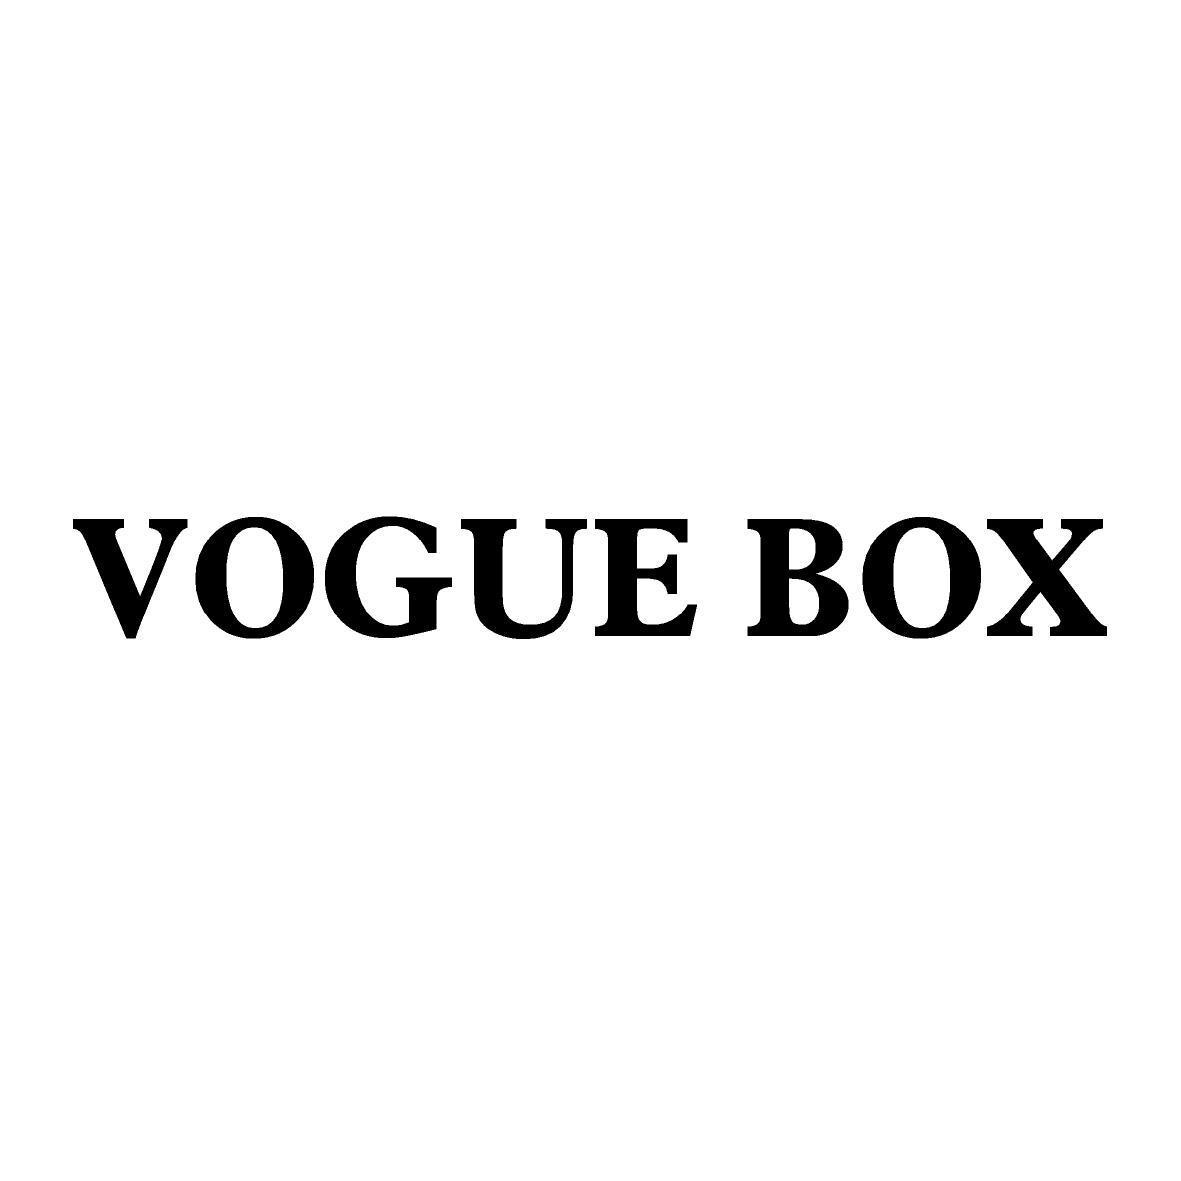 VOGUE BOX